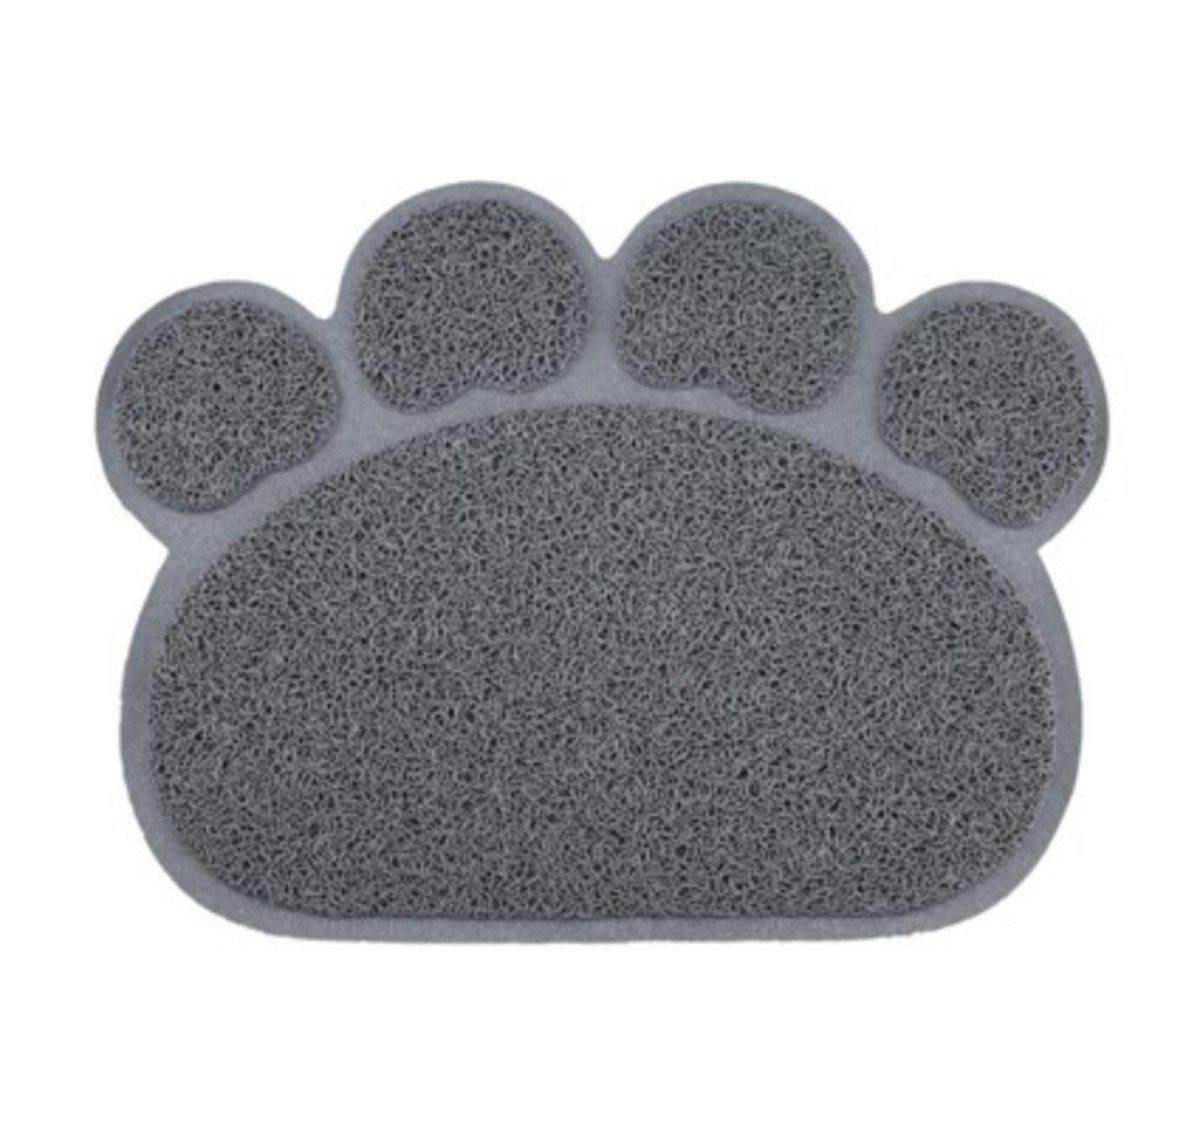 貓掌形廁所隔砂墊 (灰色)